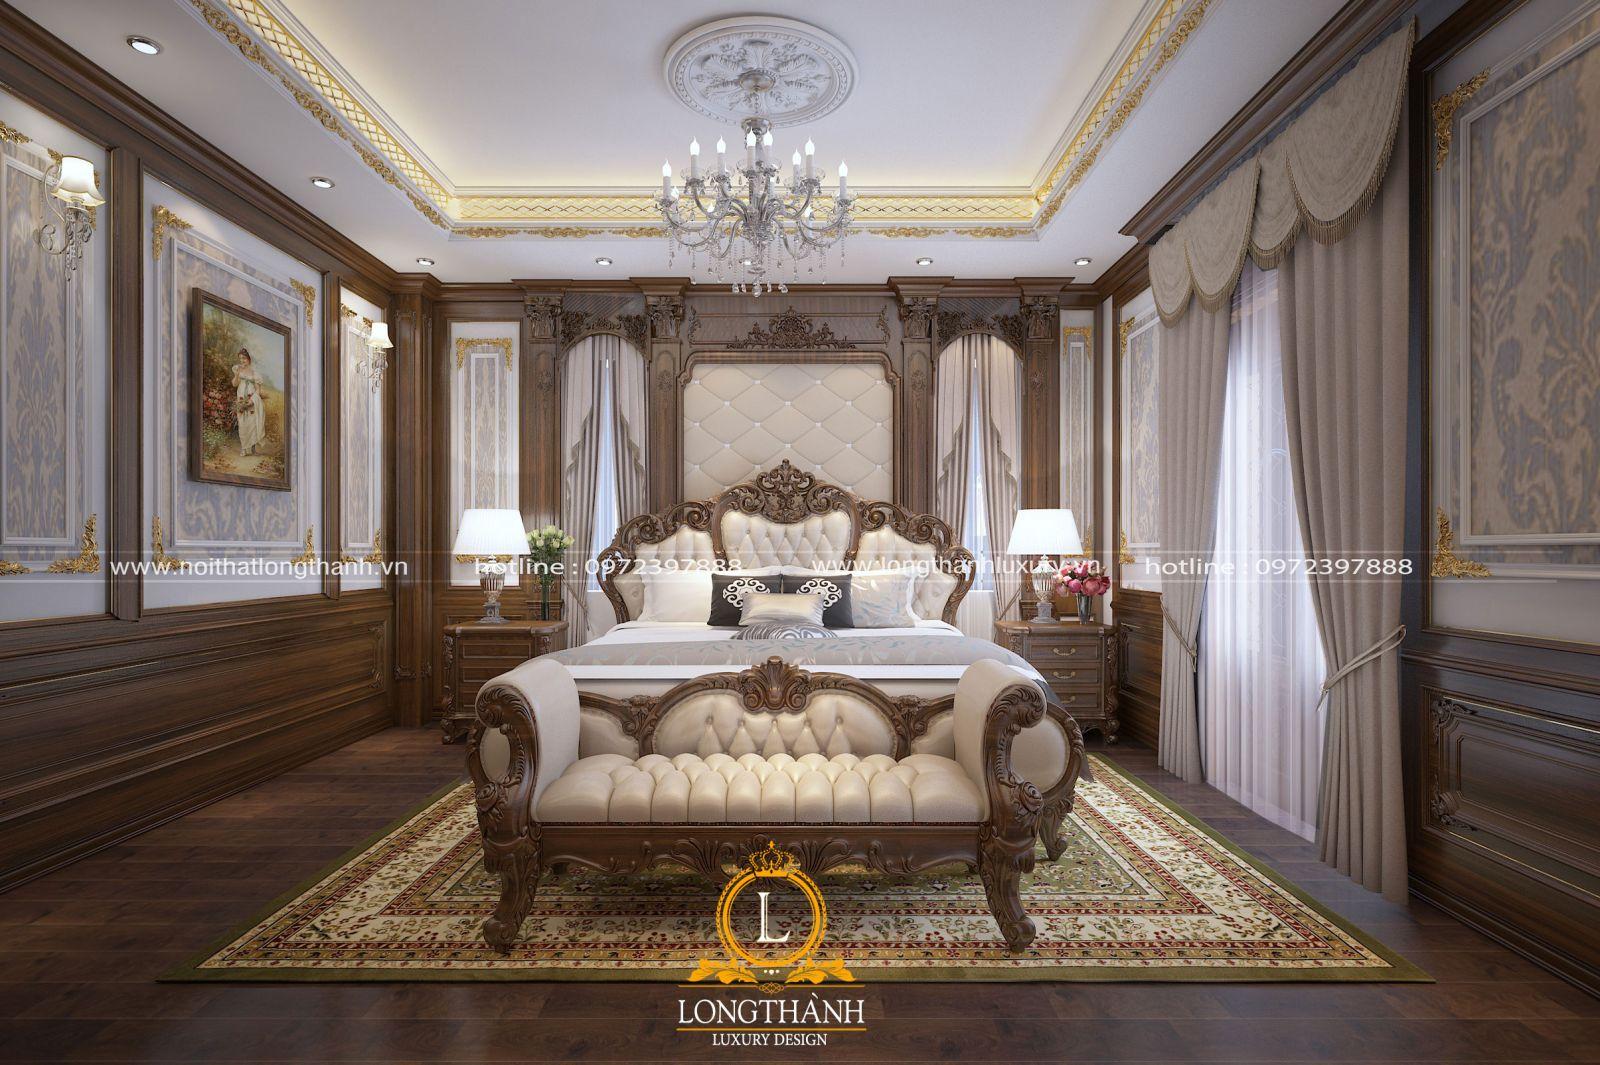 Phòng ngủ tân cổ điển có tính thẩm mỹ và tạo hiệu ứng cao